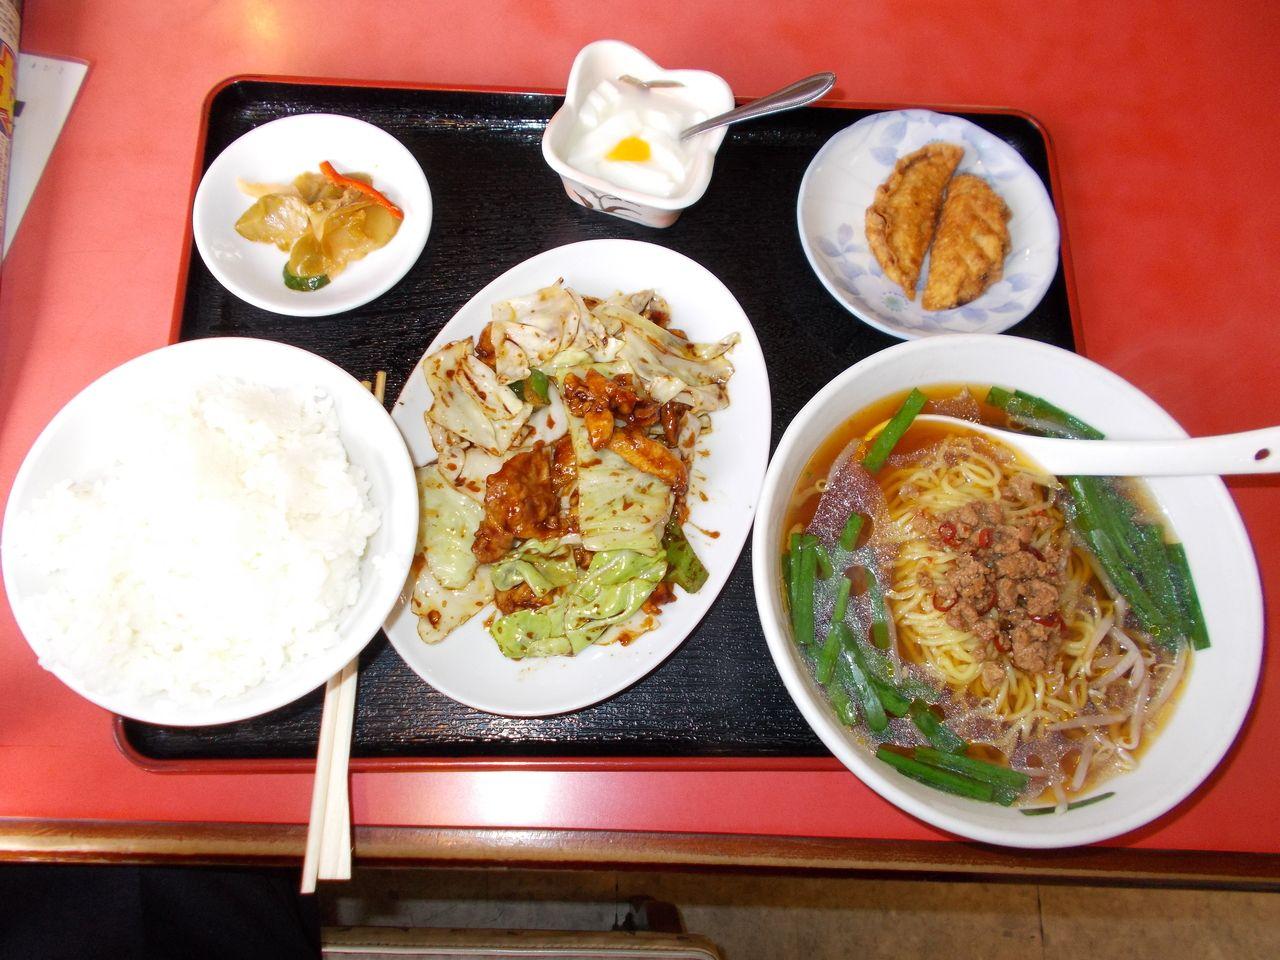 回鍋肉定食でした。デザートの杏仁豆腐が、ミルク寒天のような風味で好みです。